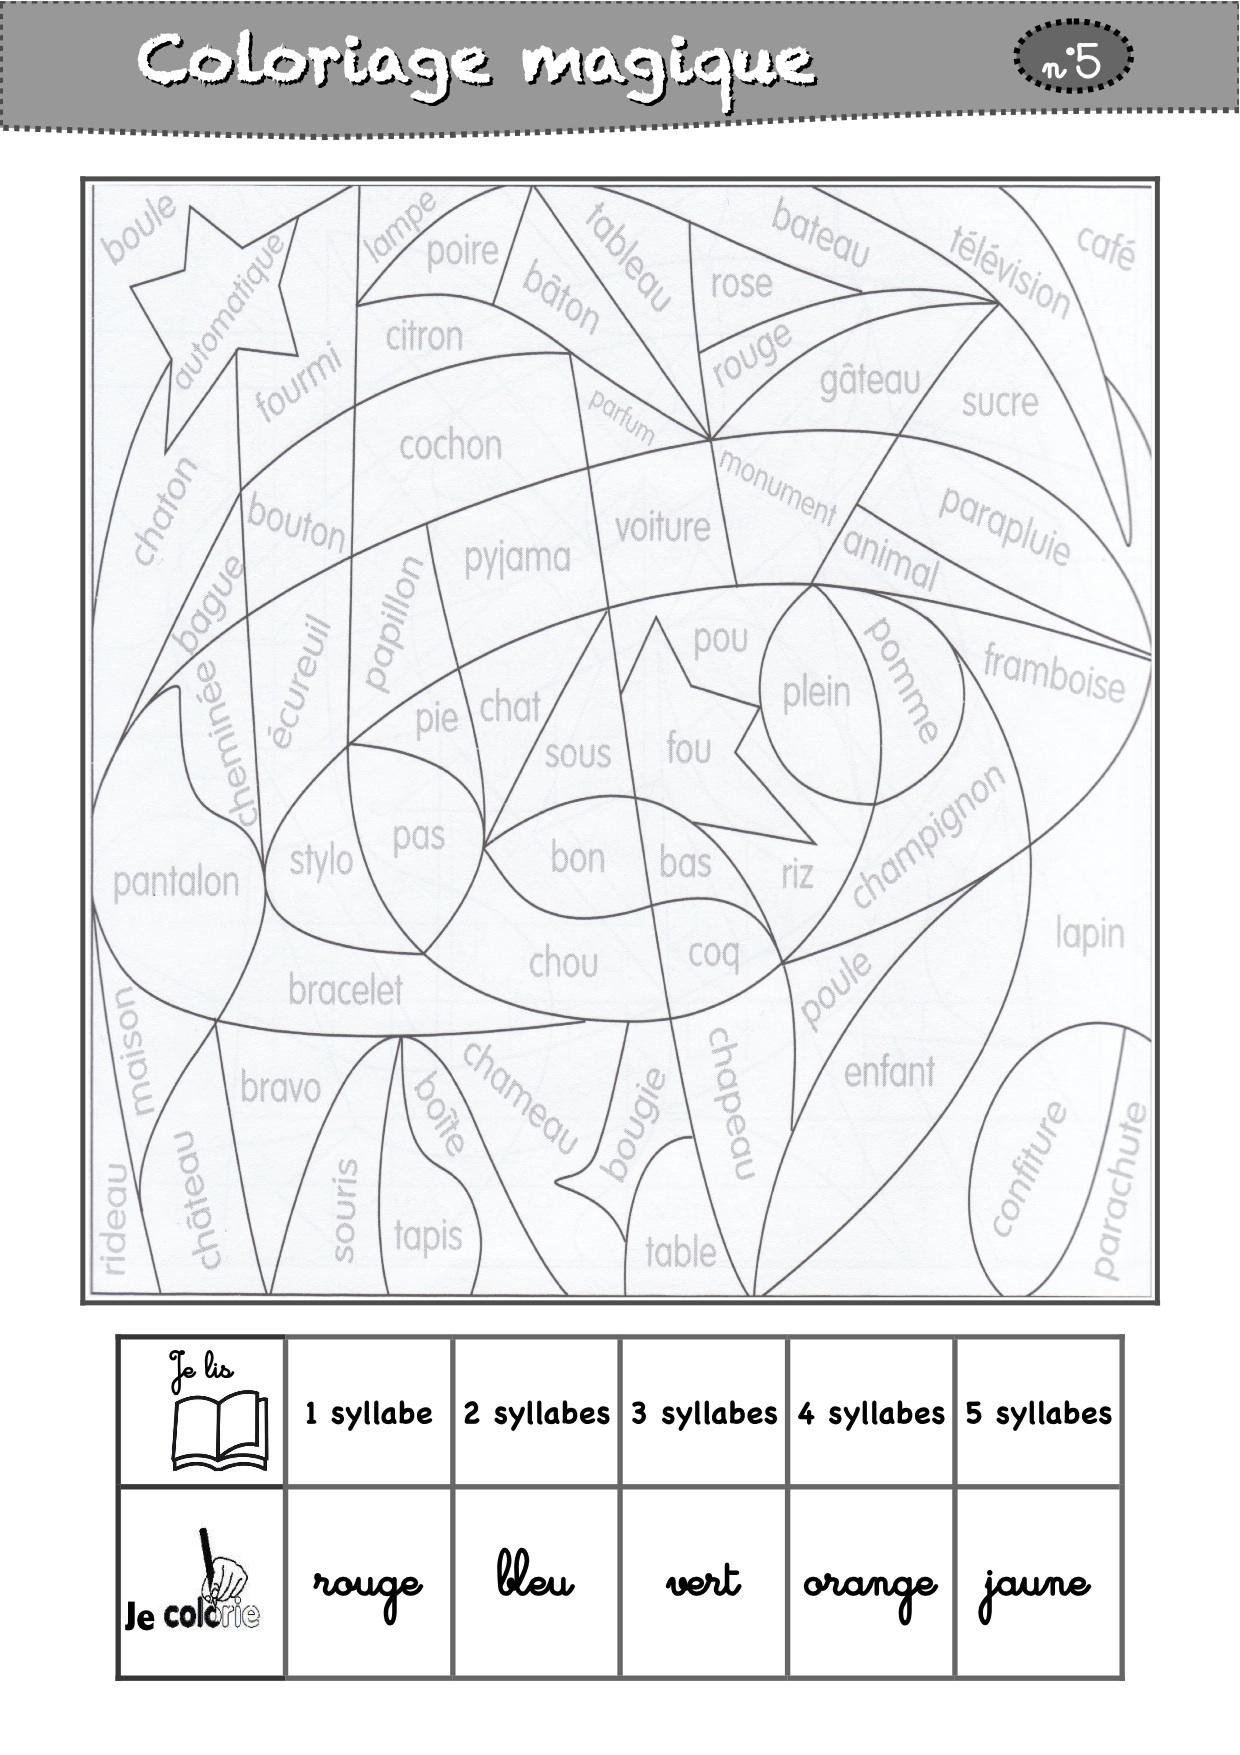 Coloriages Magiques Cp - La Classe De Luccia ! pour Coloriage Magique Français Cp